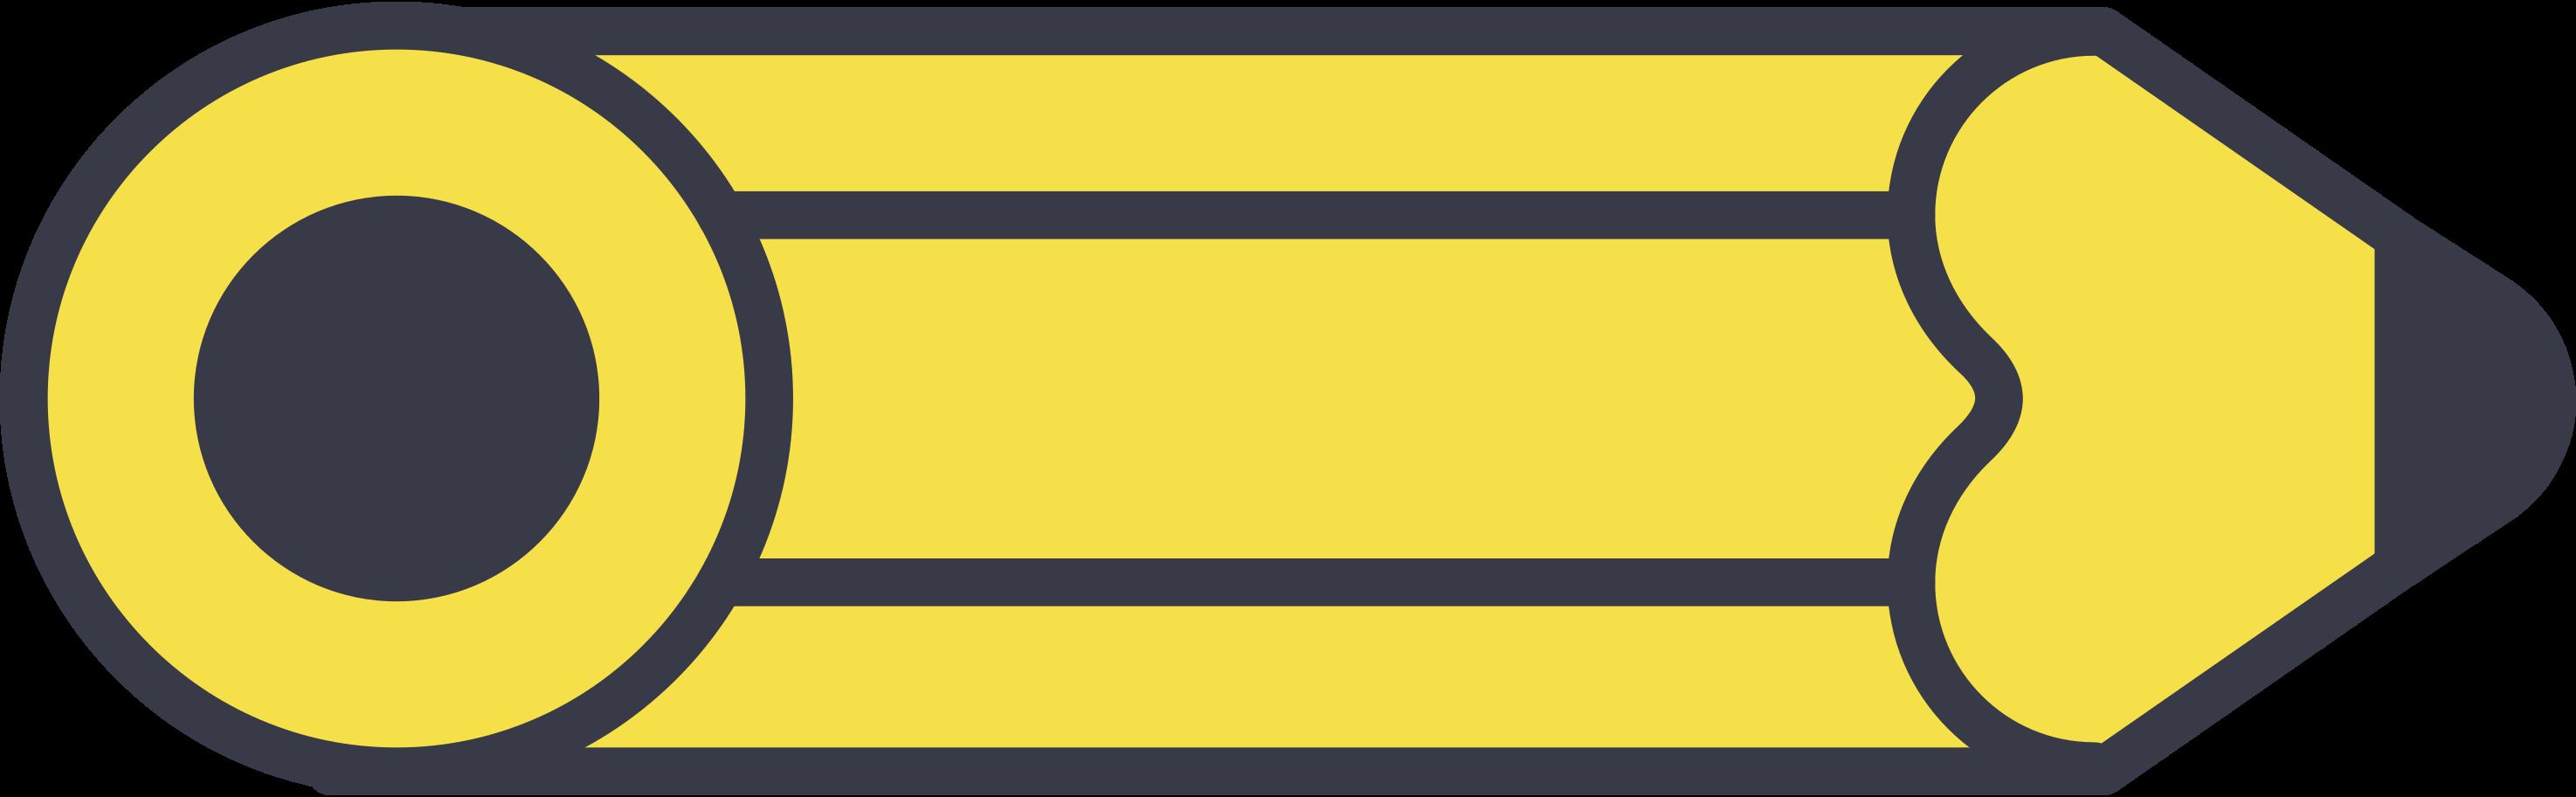 Ilustración de clipart de Lápiz en PNG, SVG